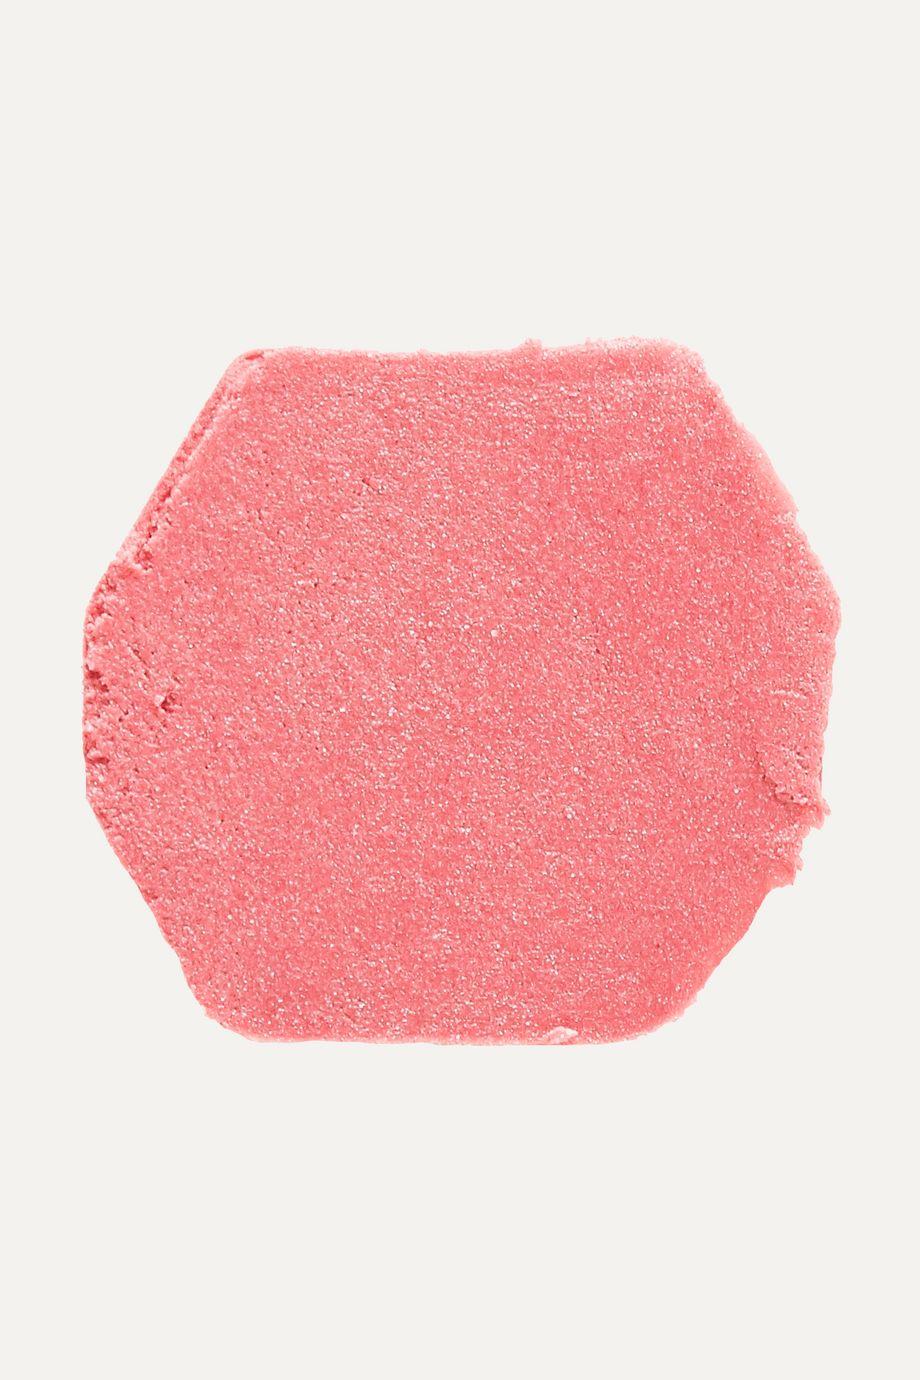 MAKE Beauty Matte Lipstick - Tulipa